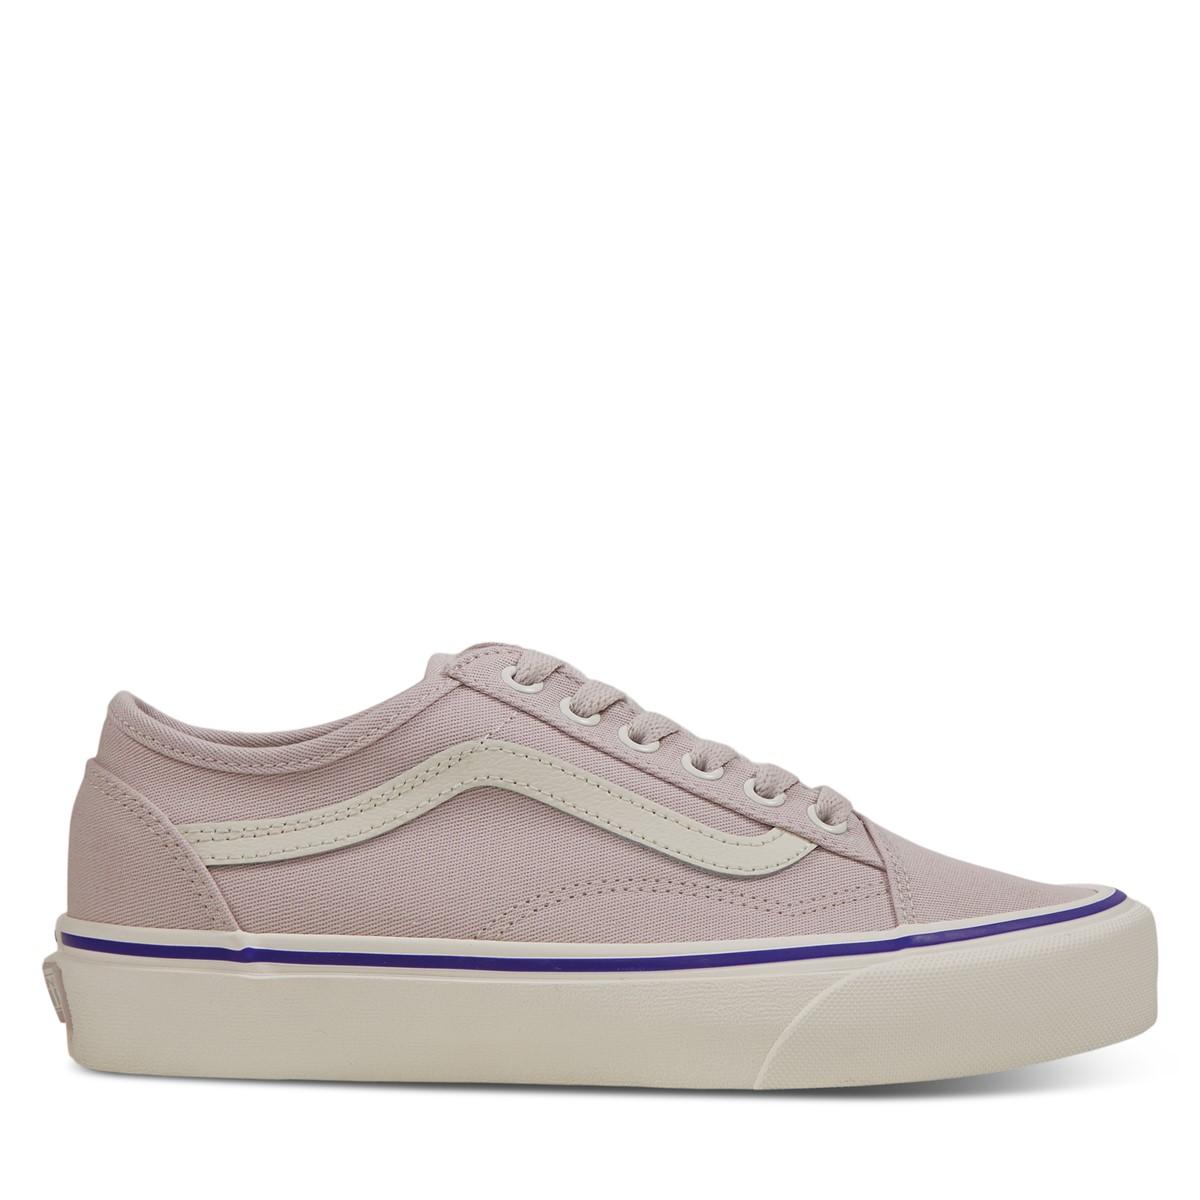 Women's Old Skool Sneakers in Light Purple/Off-White